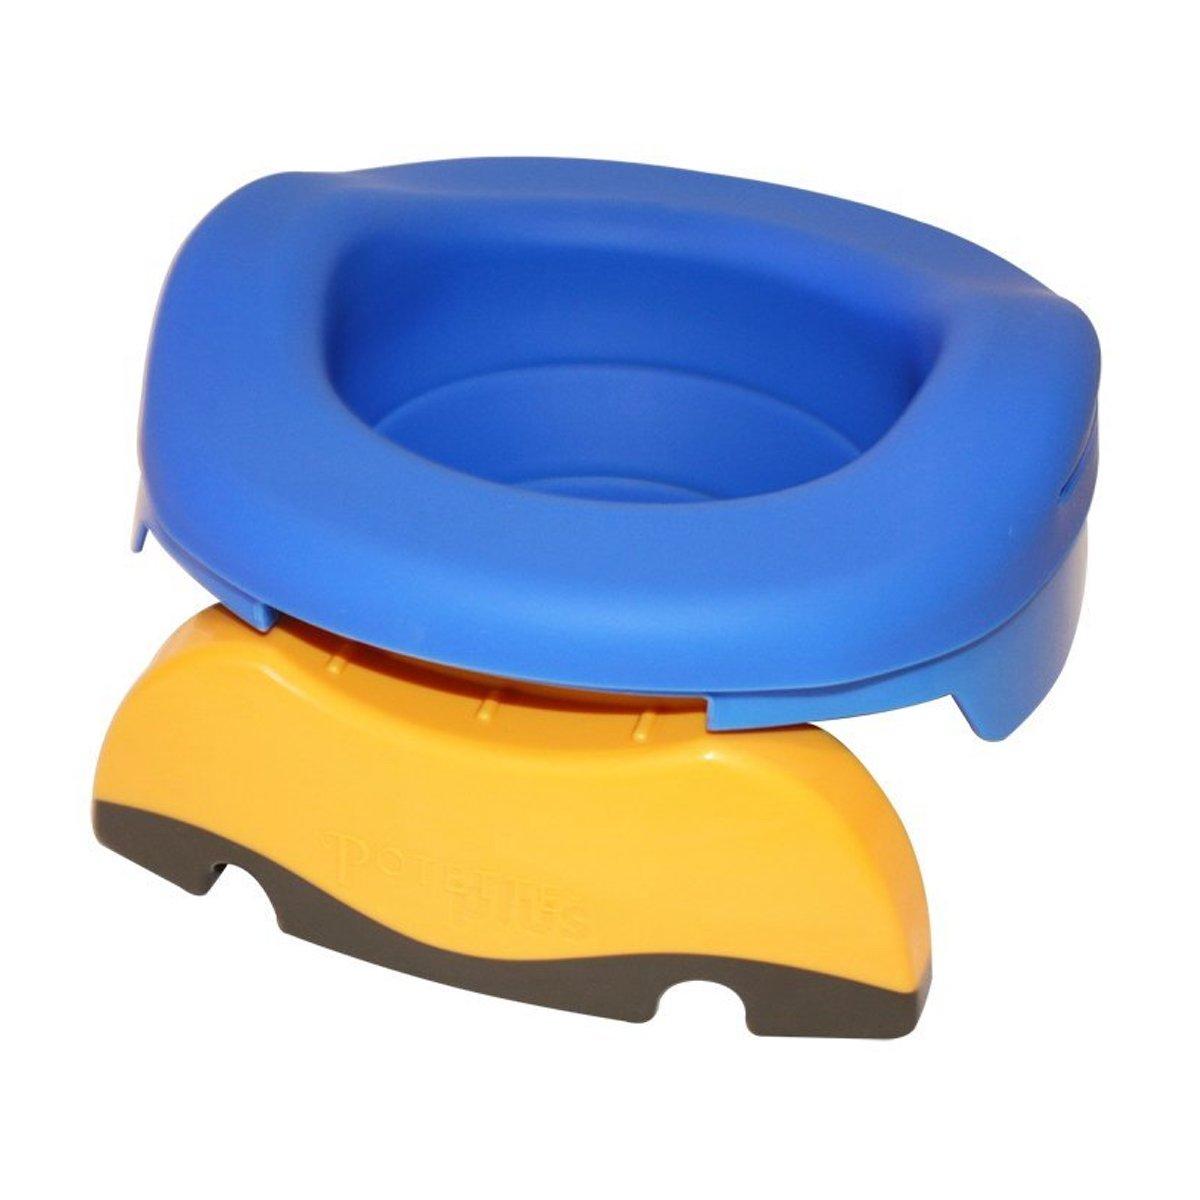 Potette Plus Reisetöpfchen, Kinder-Toilettensitz, 3 in 1 mit wiederverwendbarem Gummieinsatz + 10 Einweg-Nachfüllpackungen.